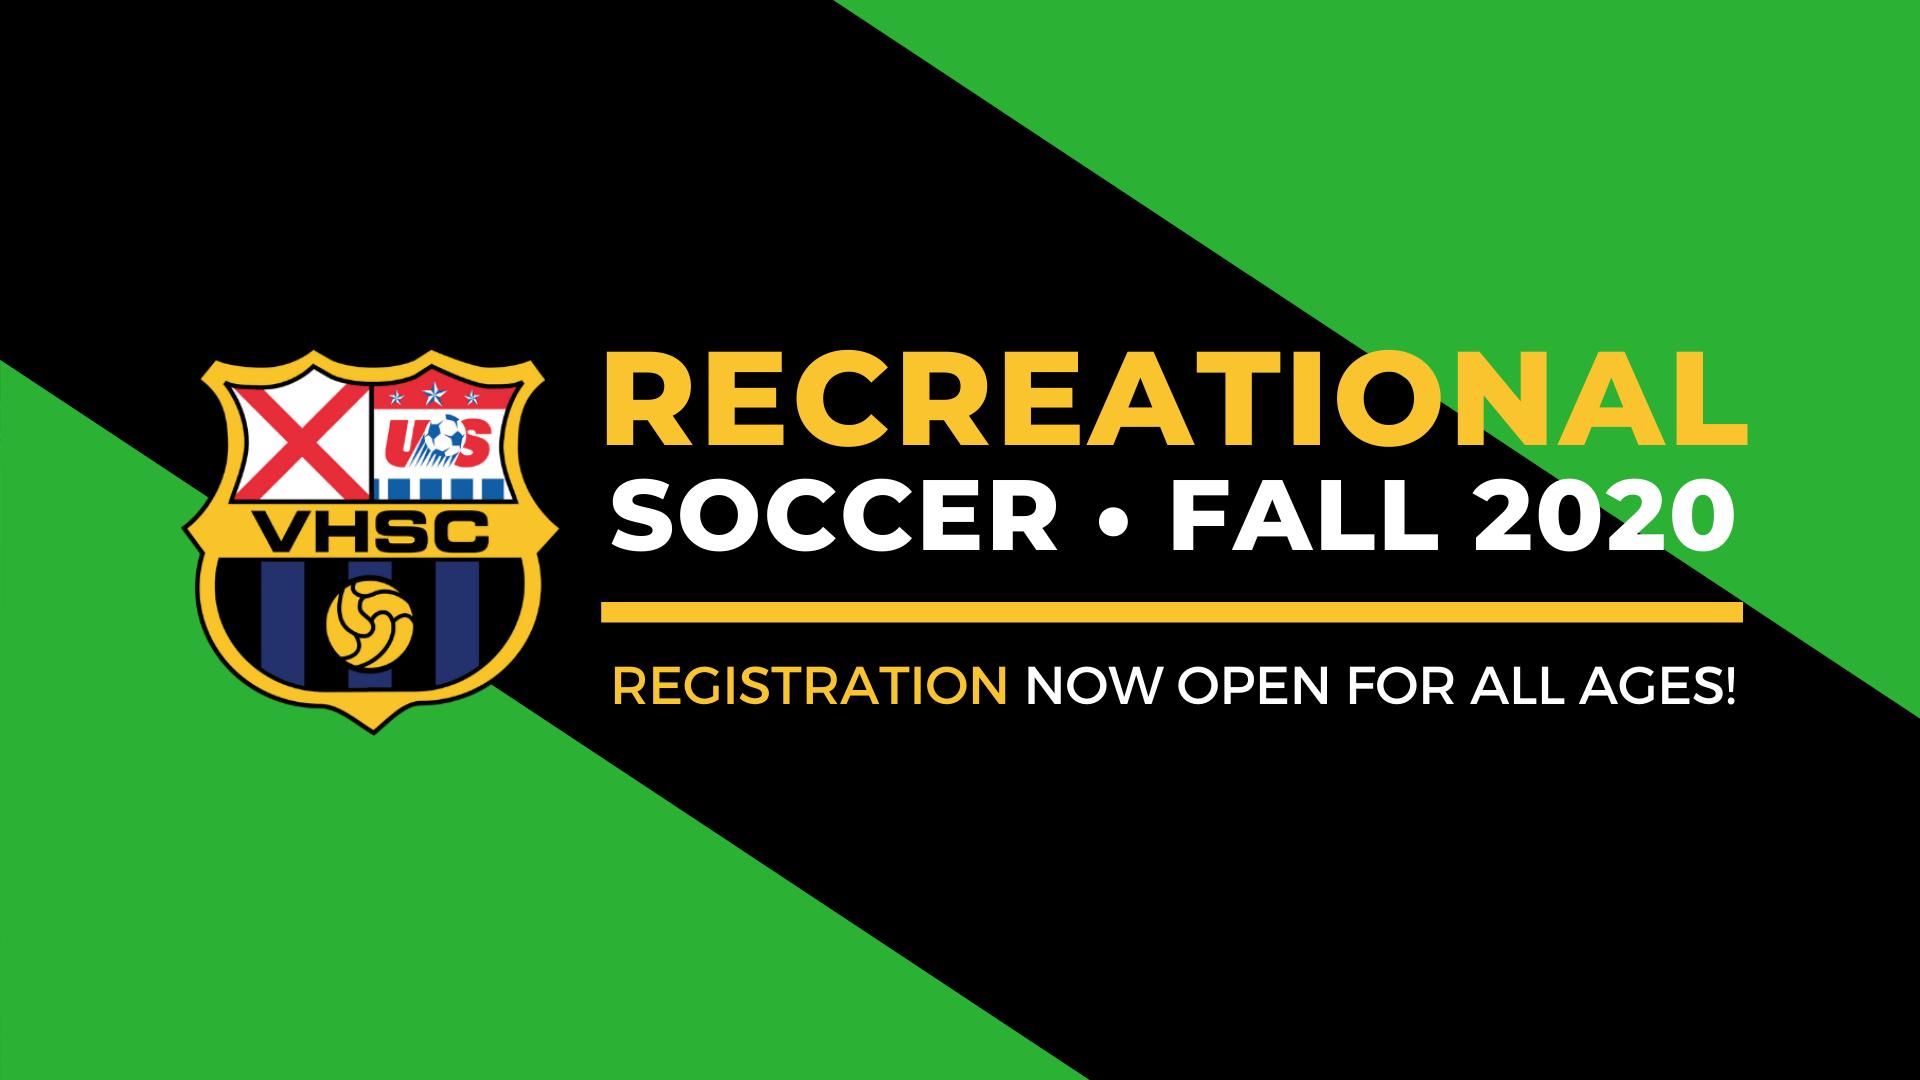 1920x1080 Recreational Soccer 2